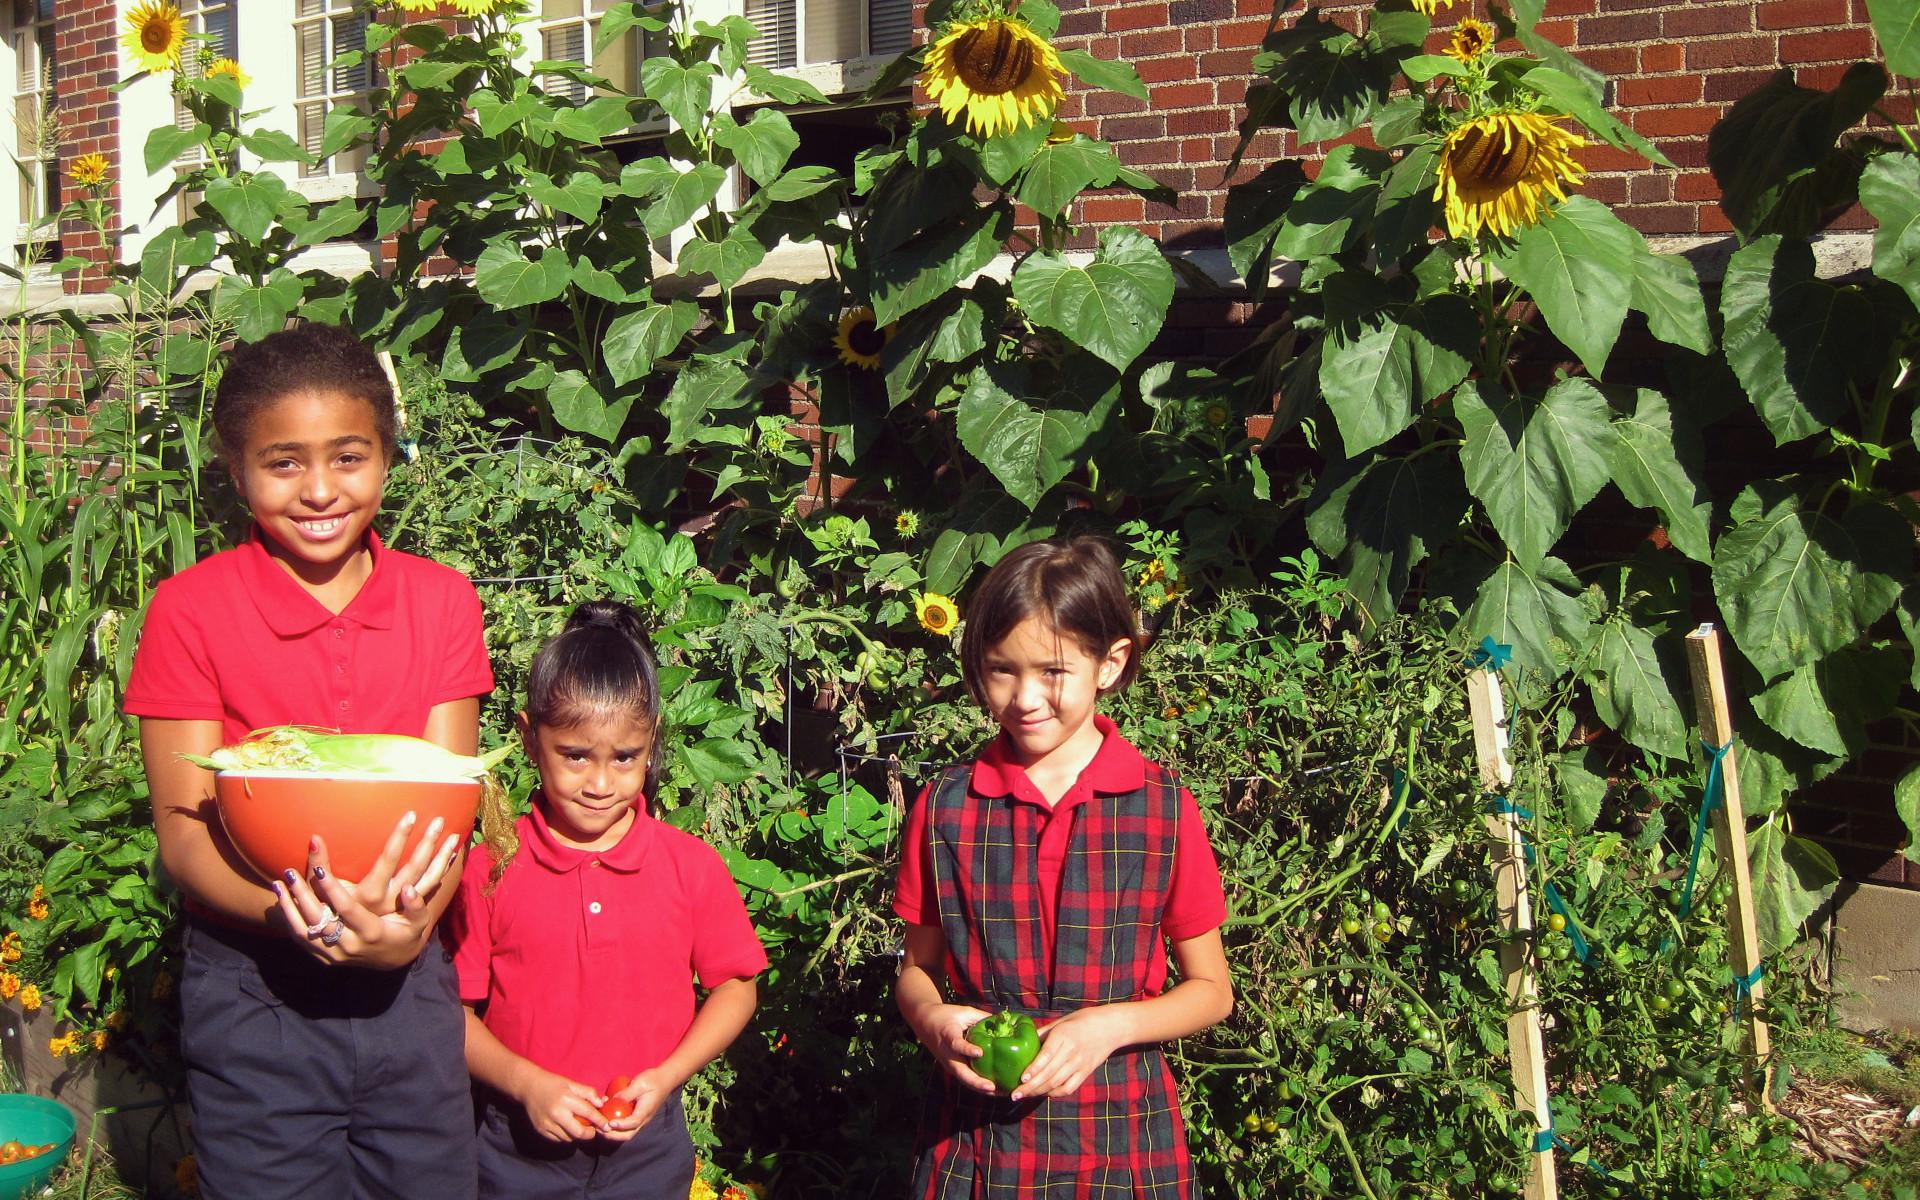 Un jardín es una de las muchas actividades que ayudan a los estudiantes a aprender sobre el mundo.